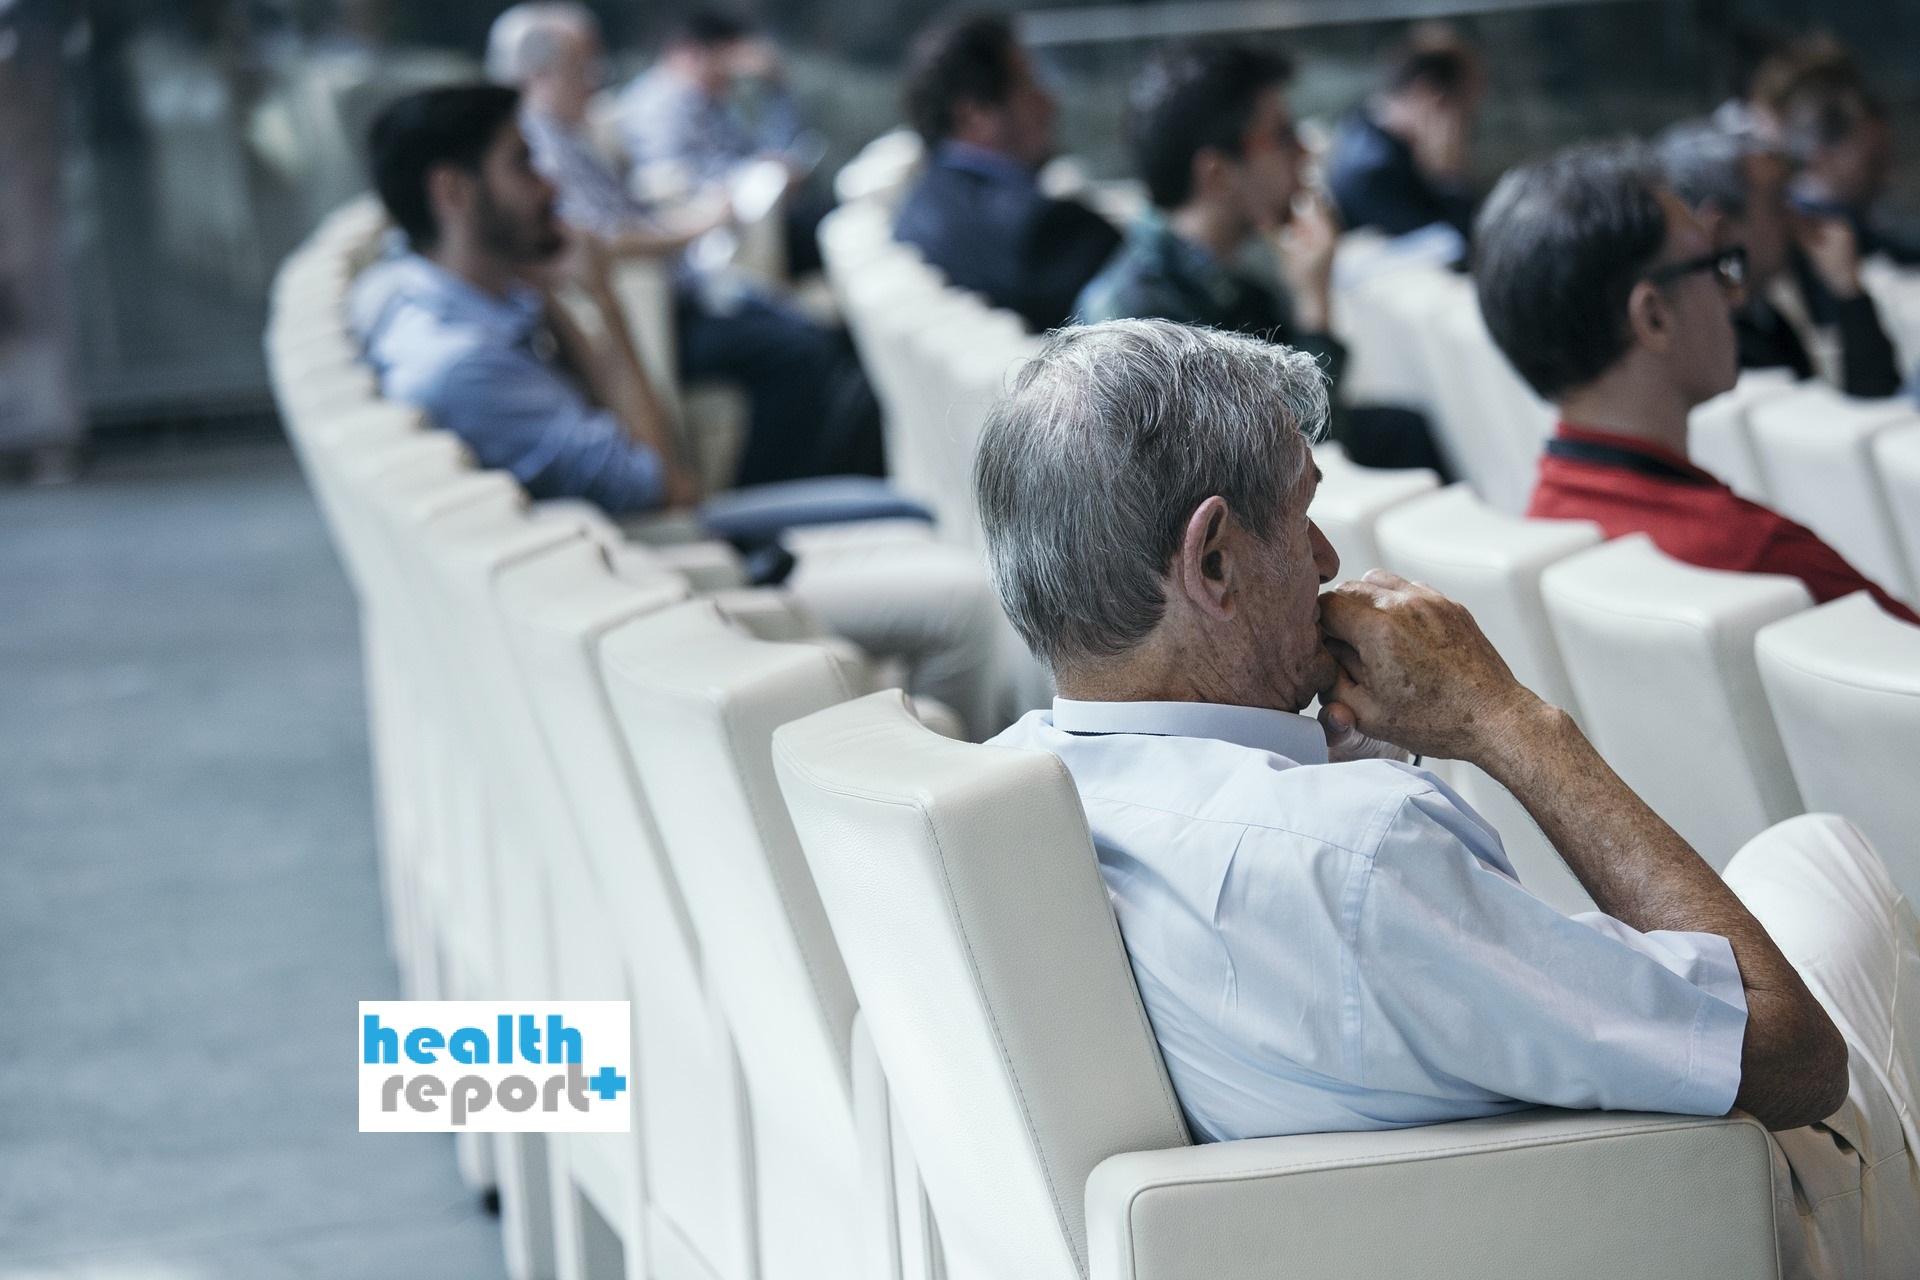 Τα ιατρικά συνέδρια είναι ακόμη άγνωστο πότε θα ξεκινήσουν κανονικά